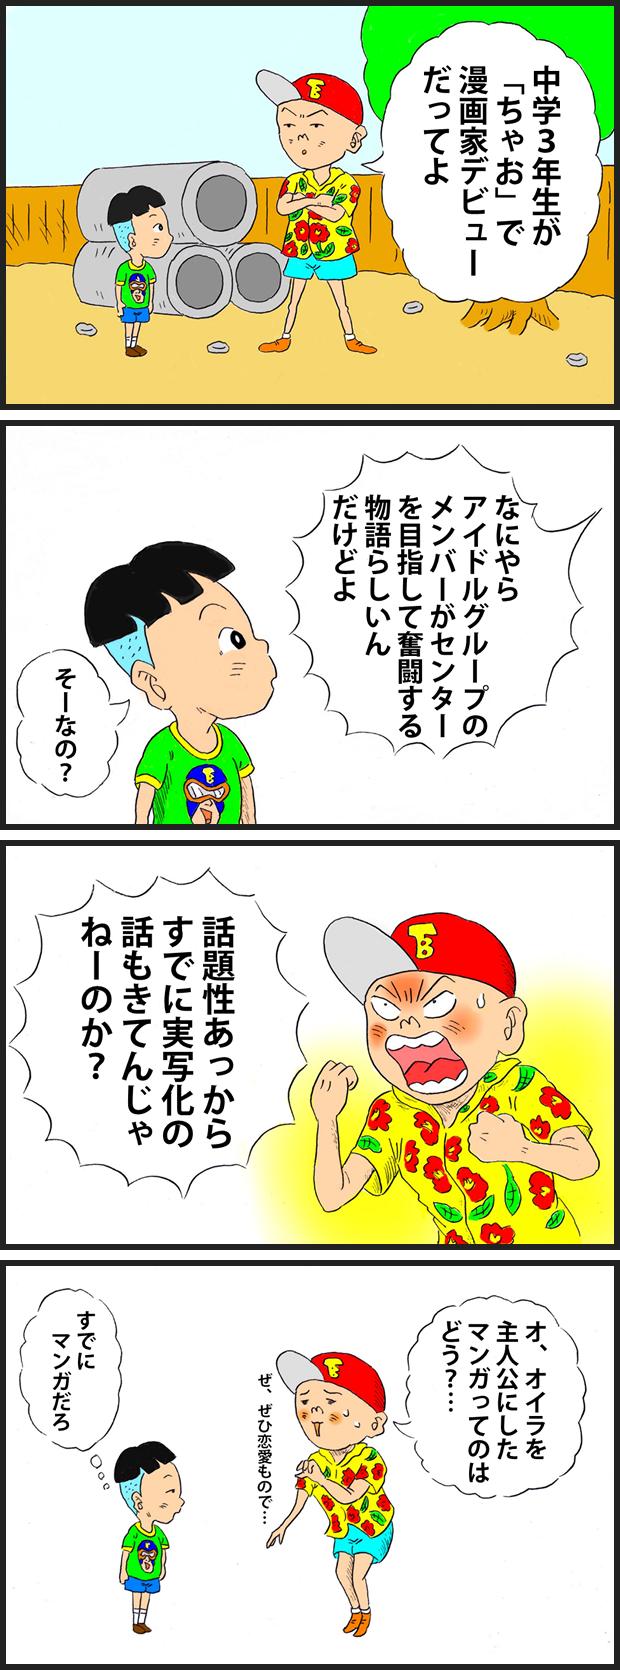 080 中3漫画家デビュー